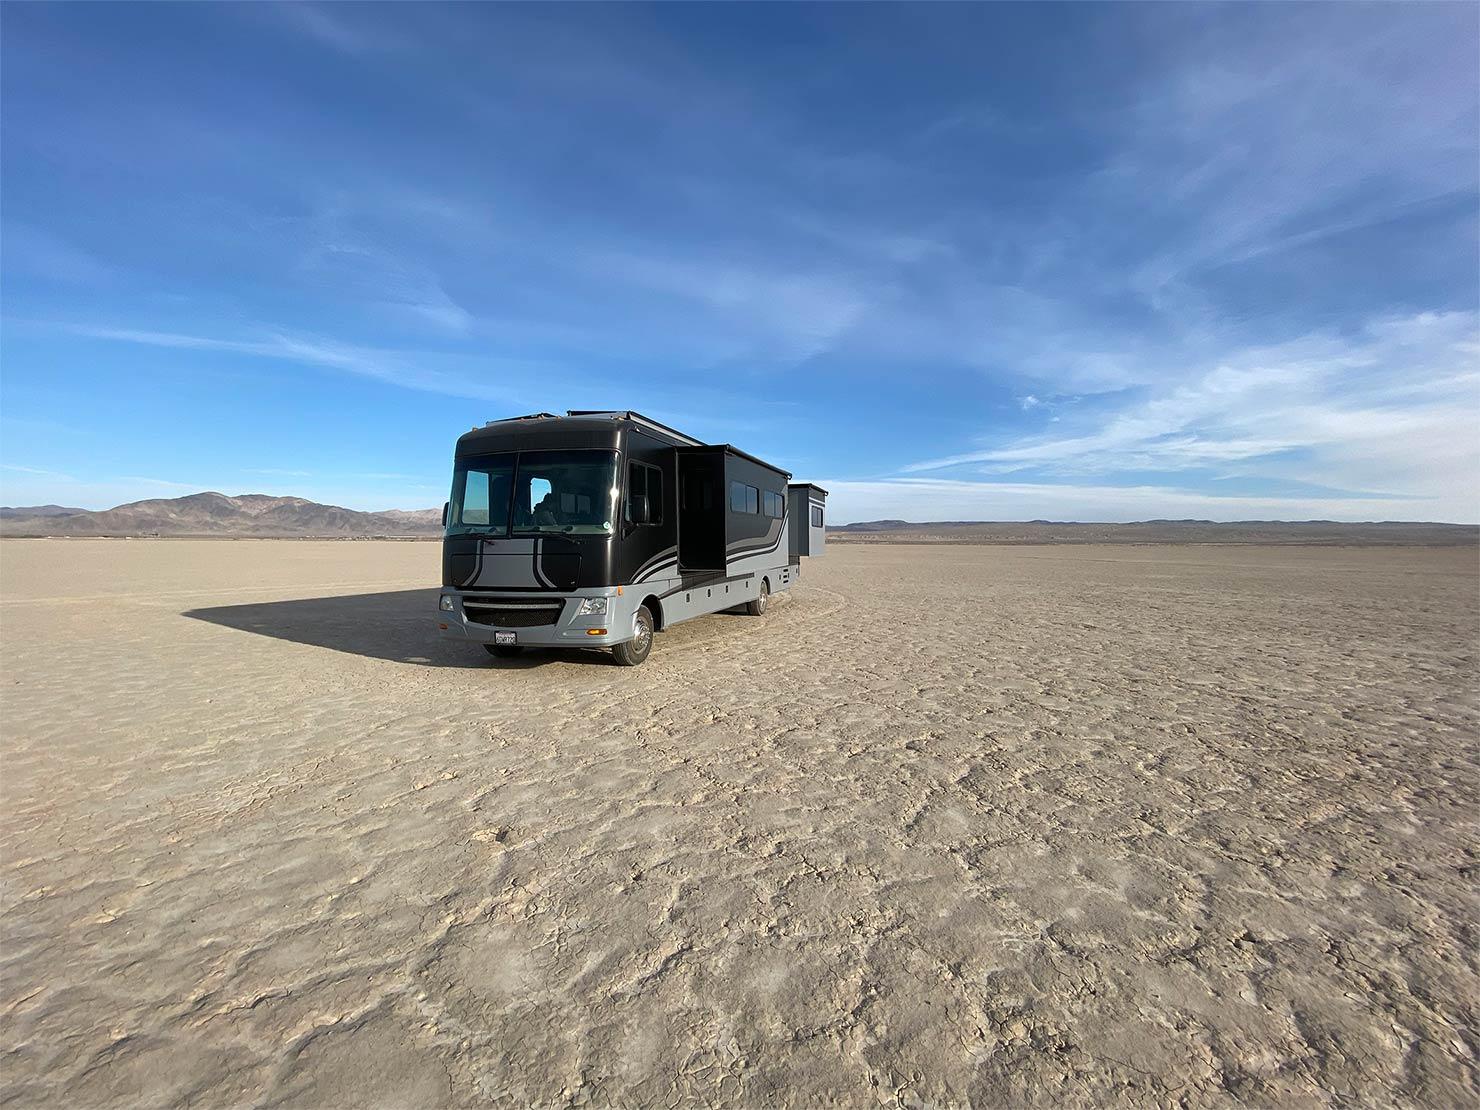 砂漠とバス